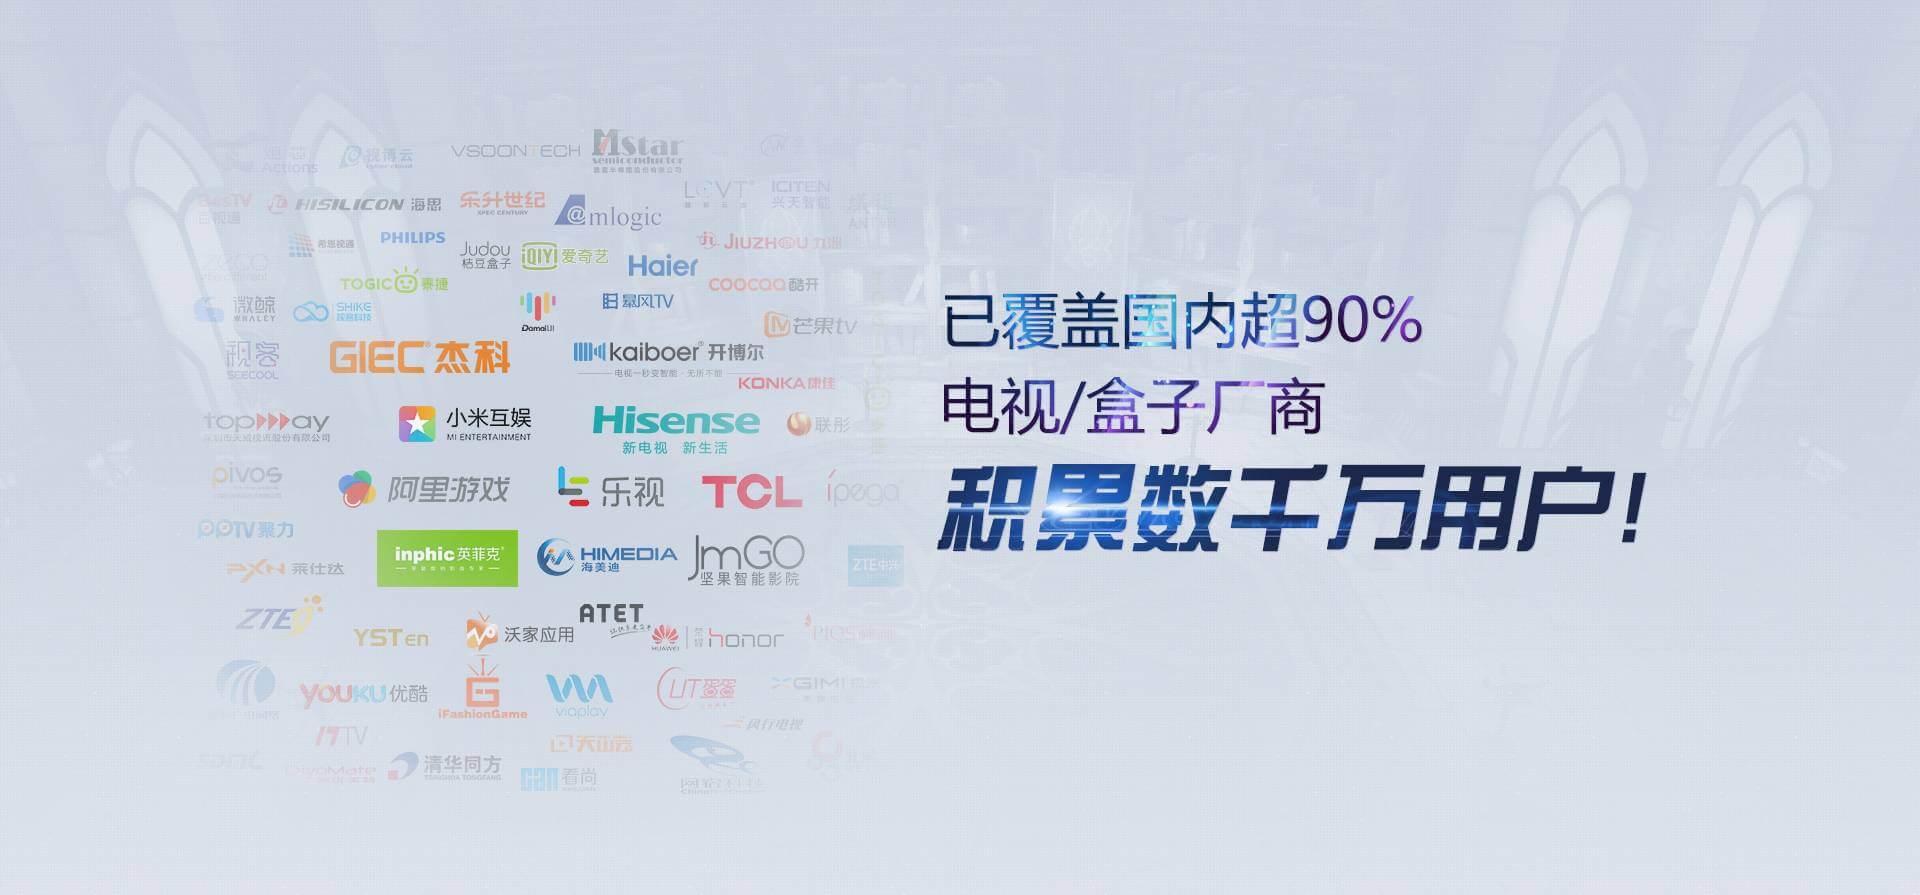 已覆盖国内超90%电视/盒子厂商,积累数千万用户